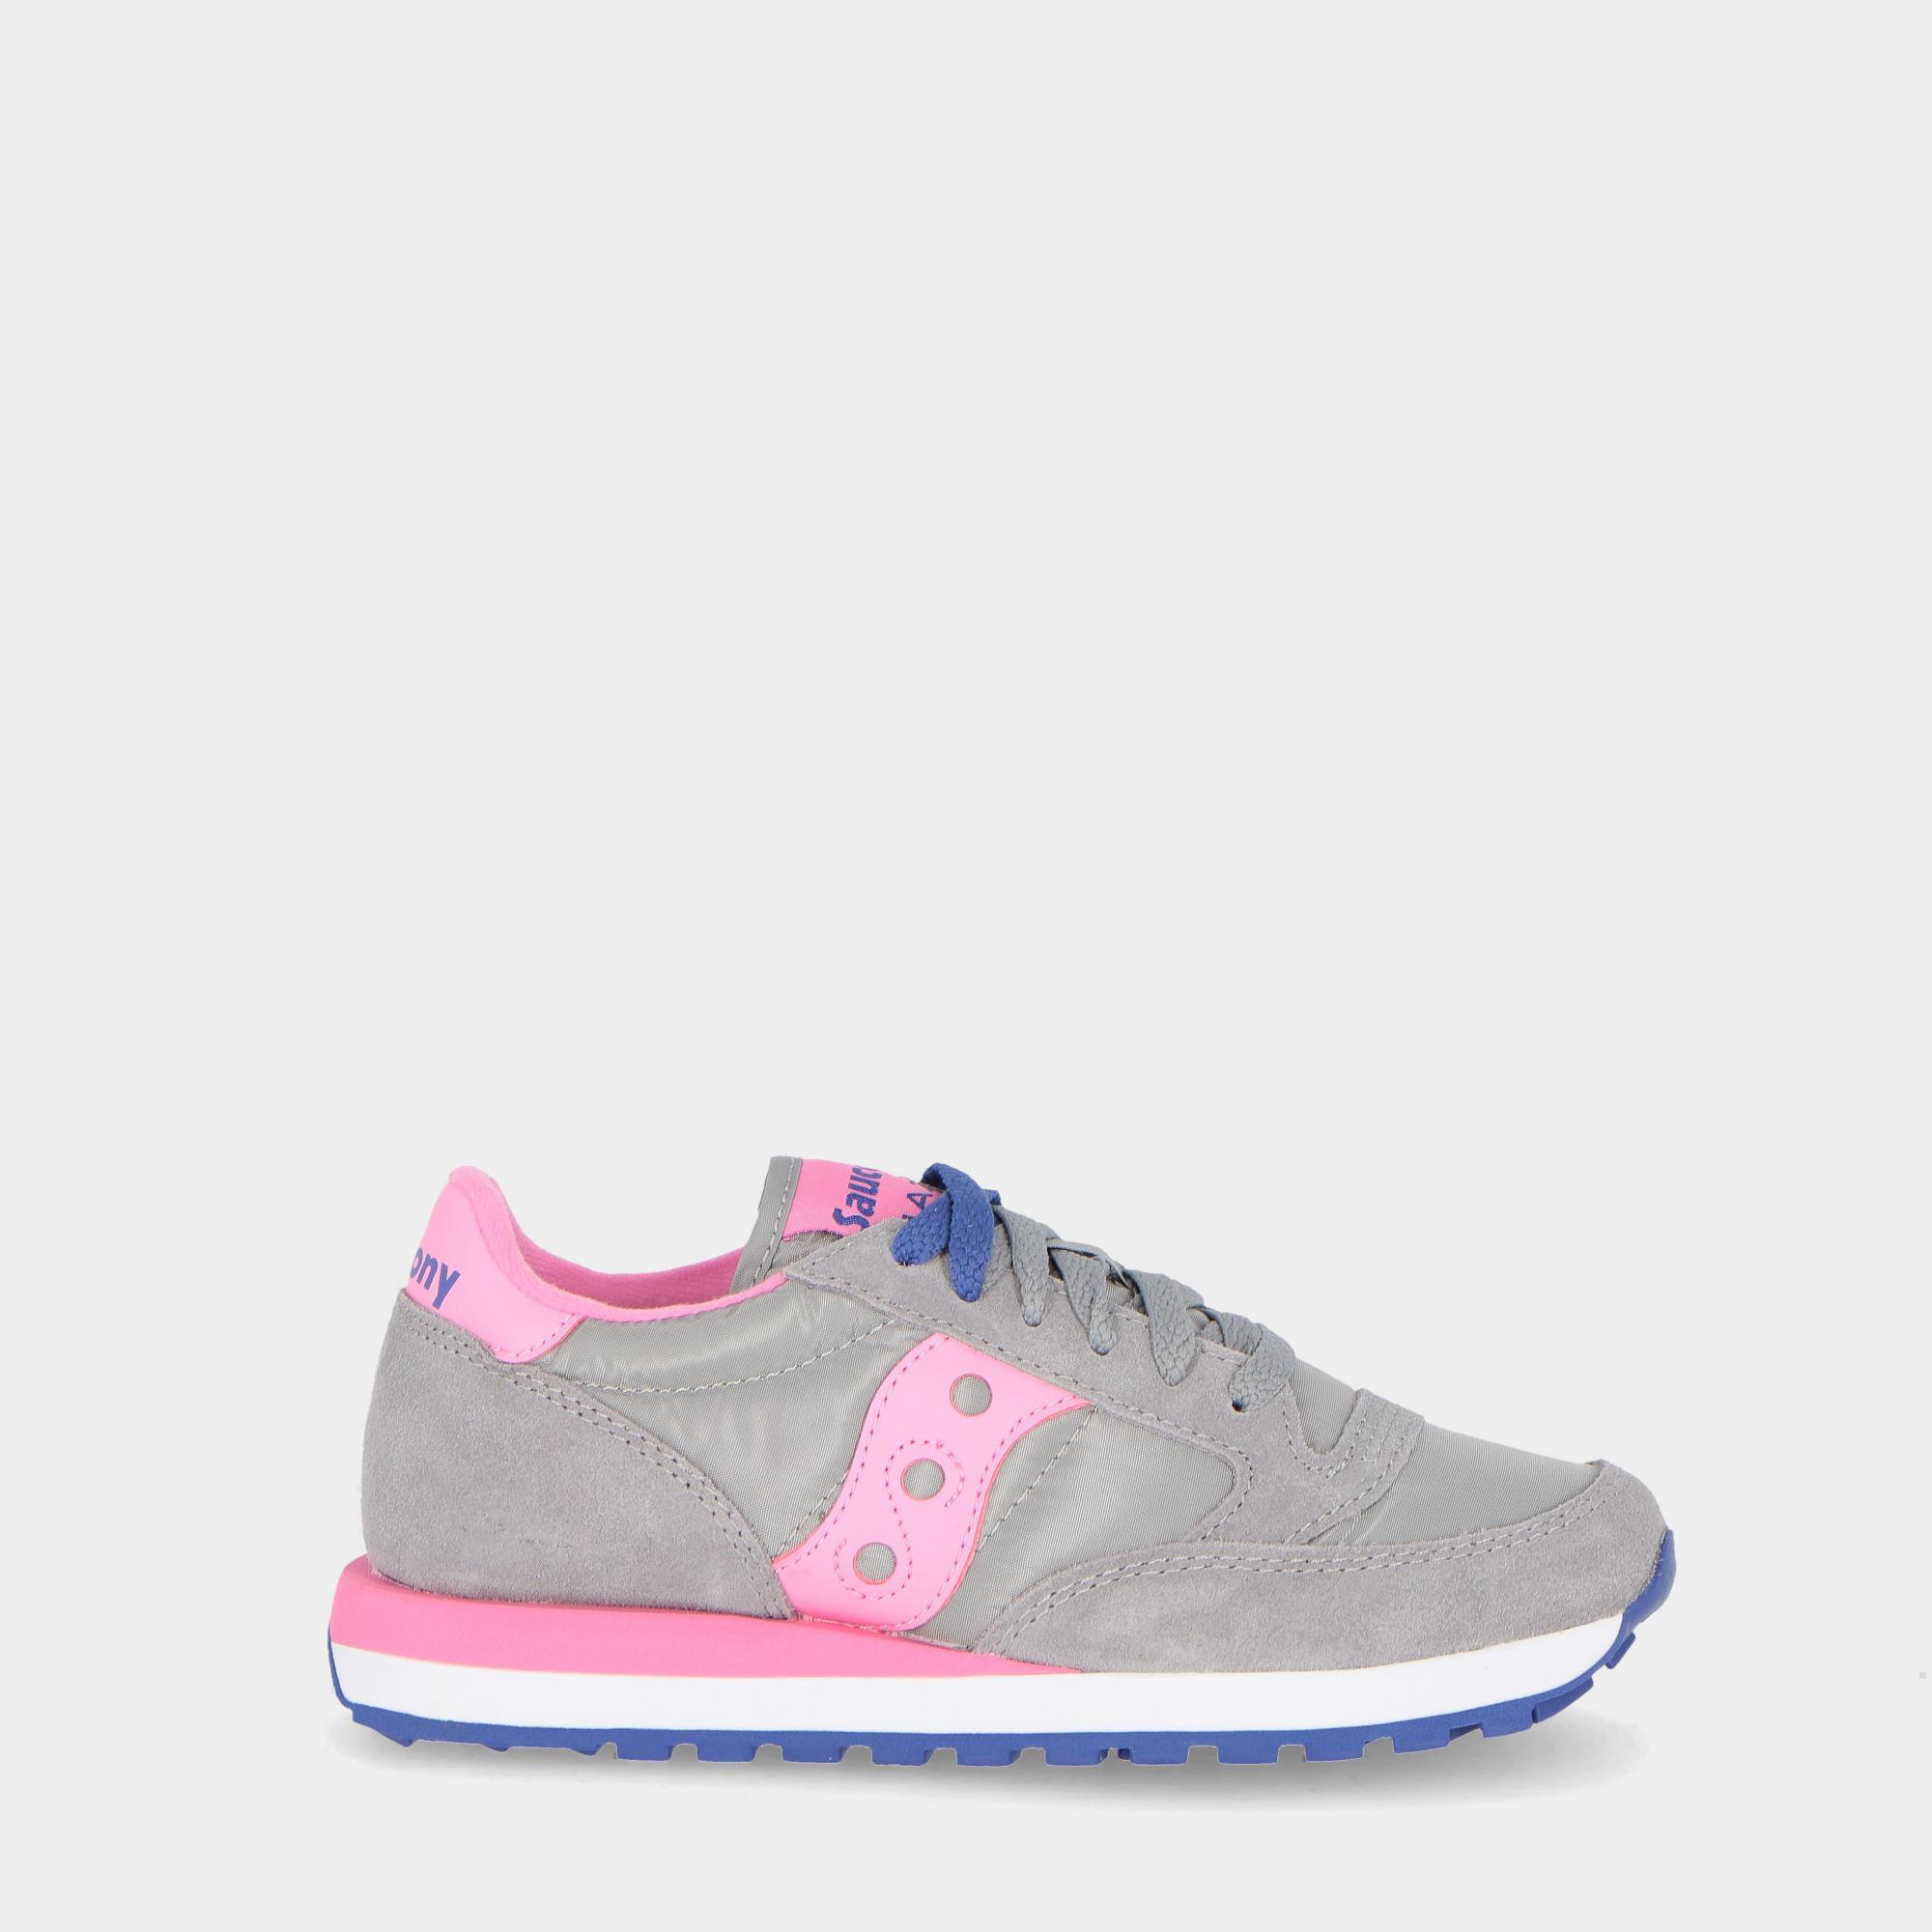 Saucony Jazz O  Grey Pink  d6cbe5d8698